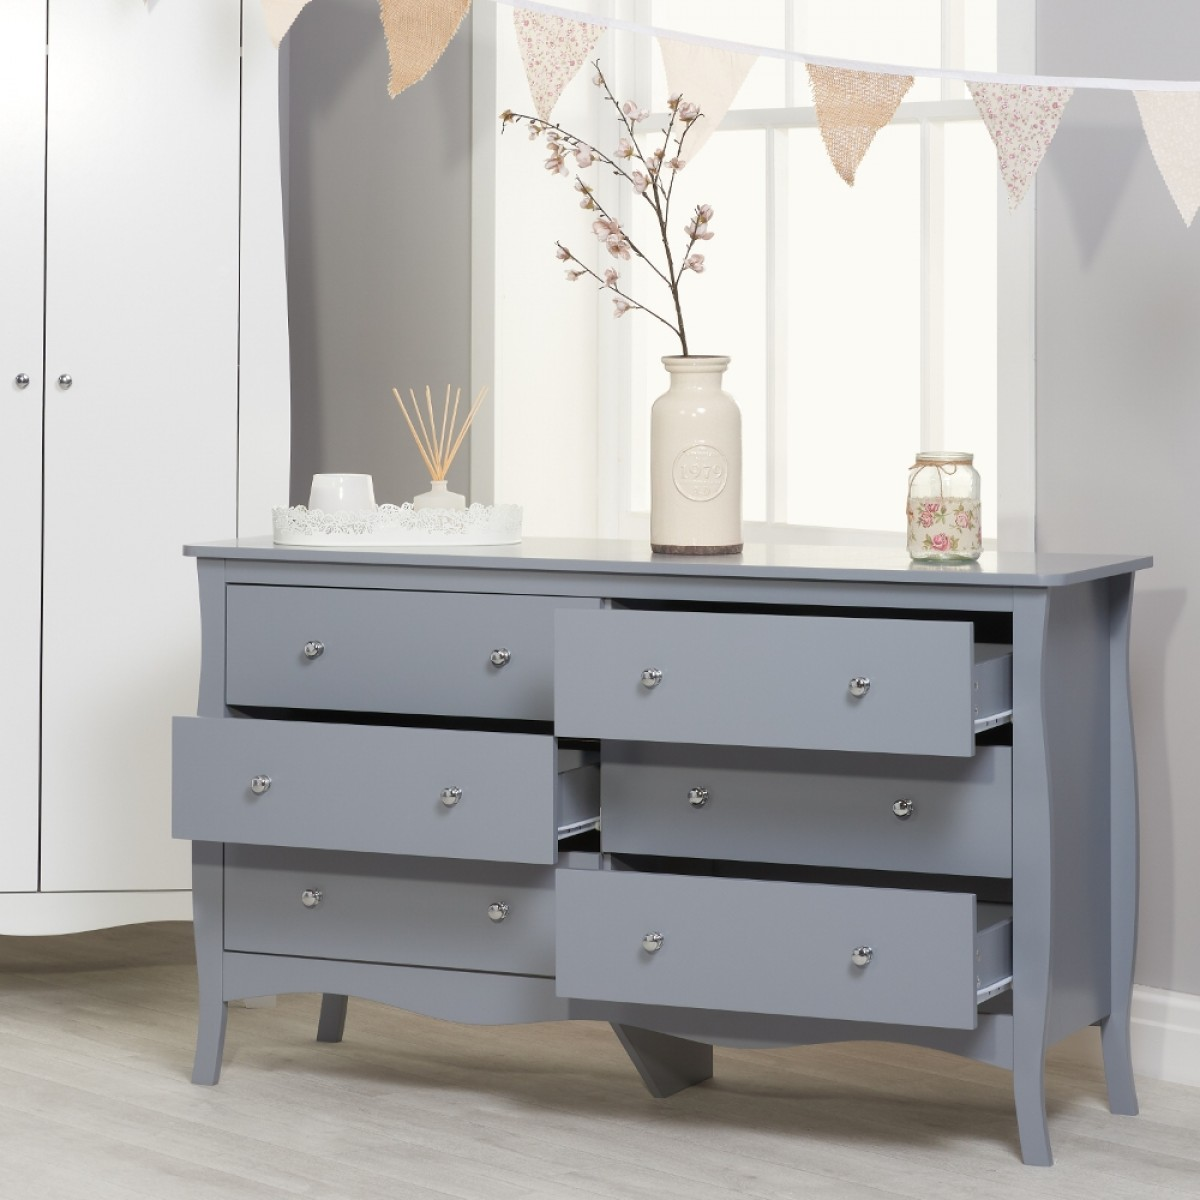 Paris Grey Wooden 6 Drawer Chest